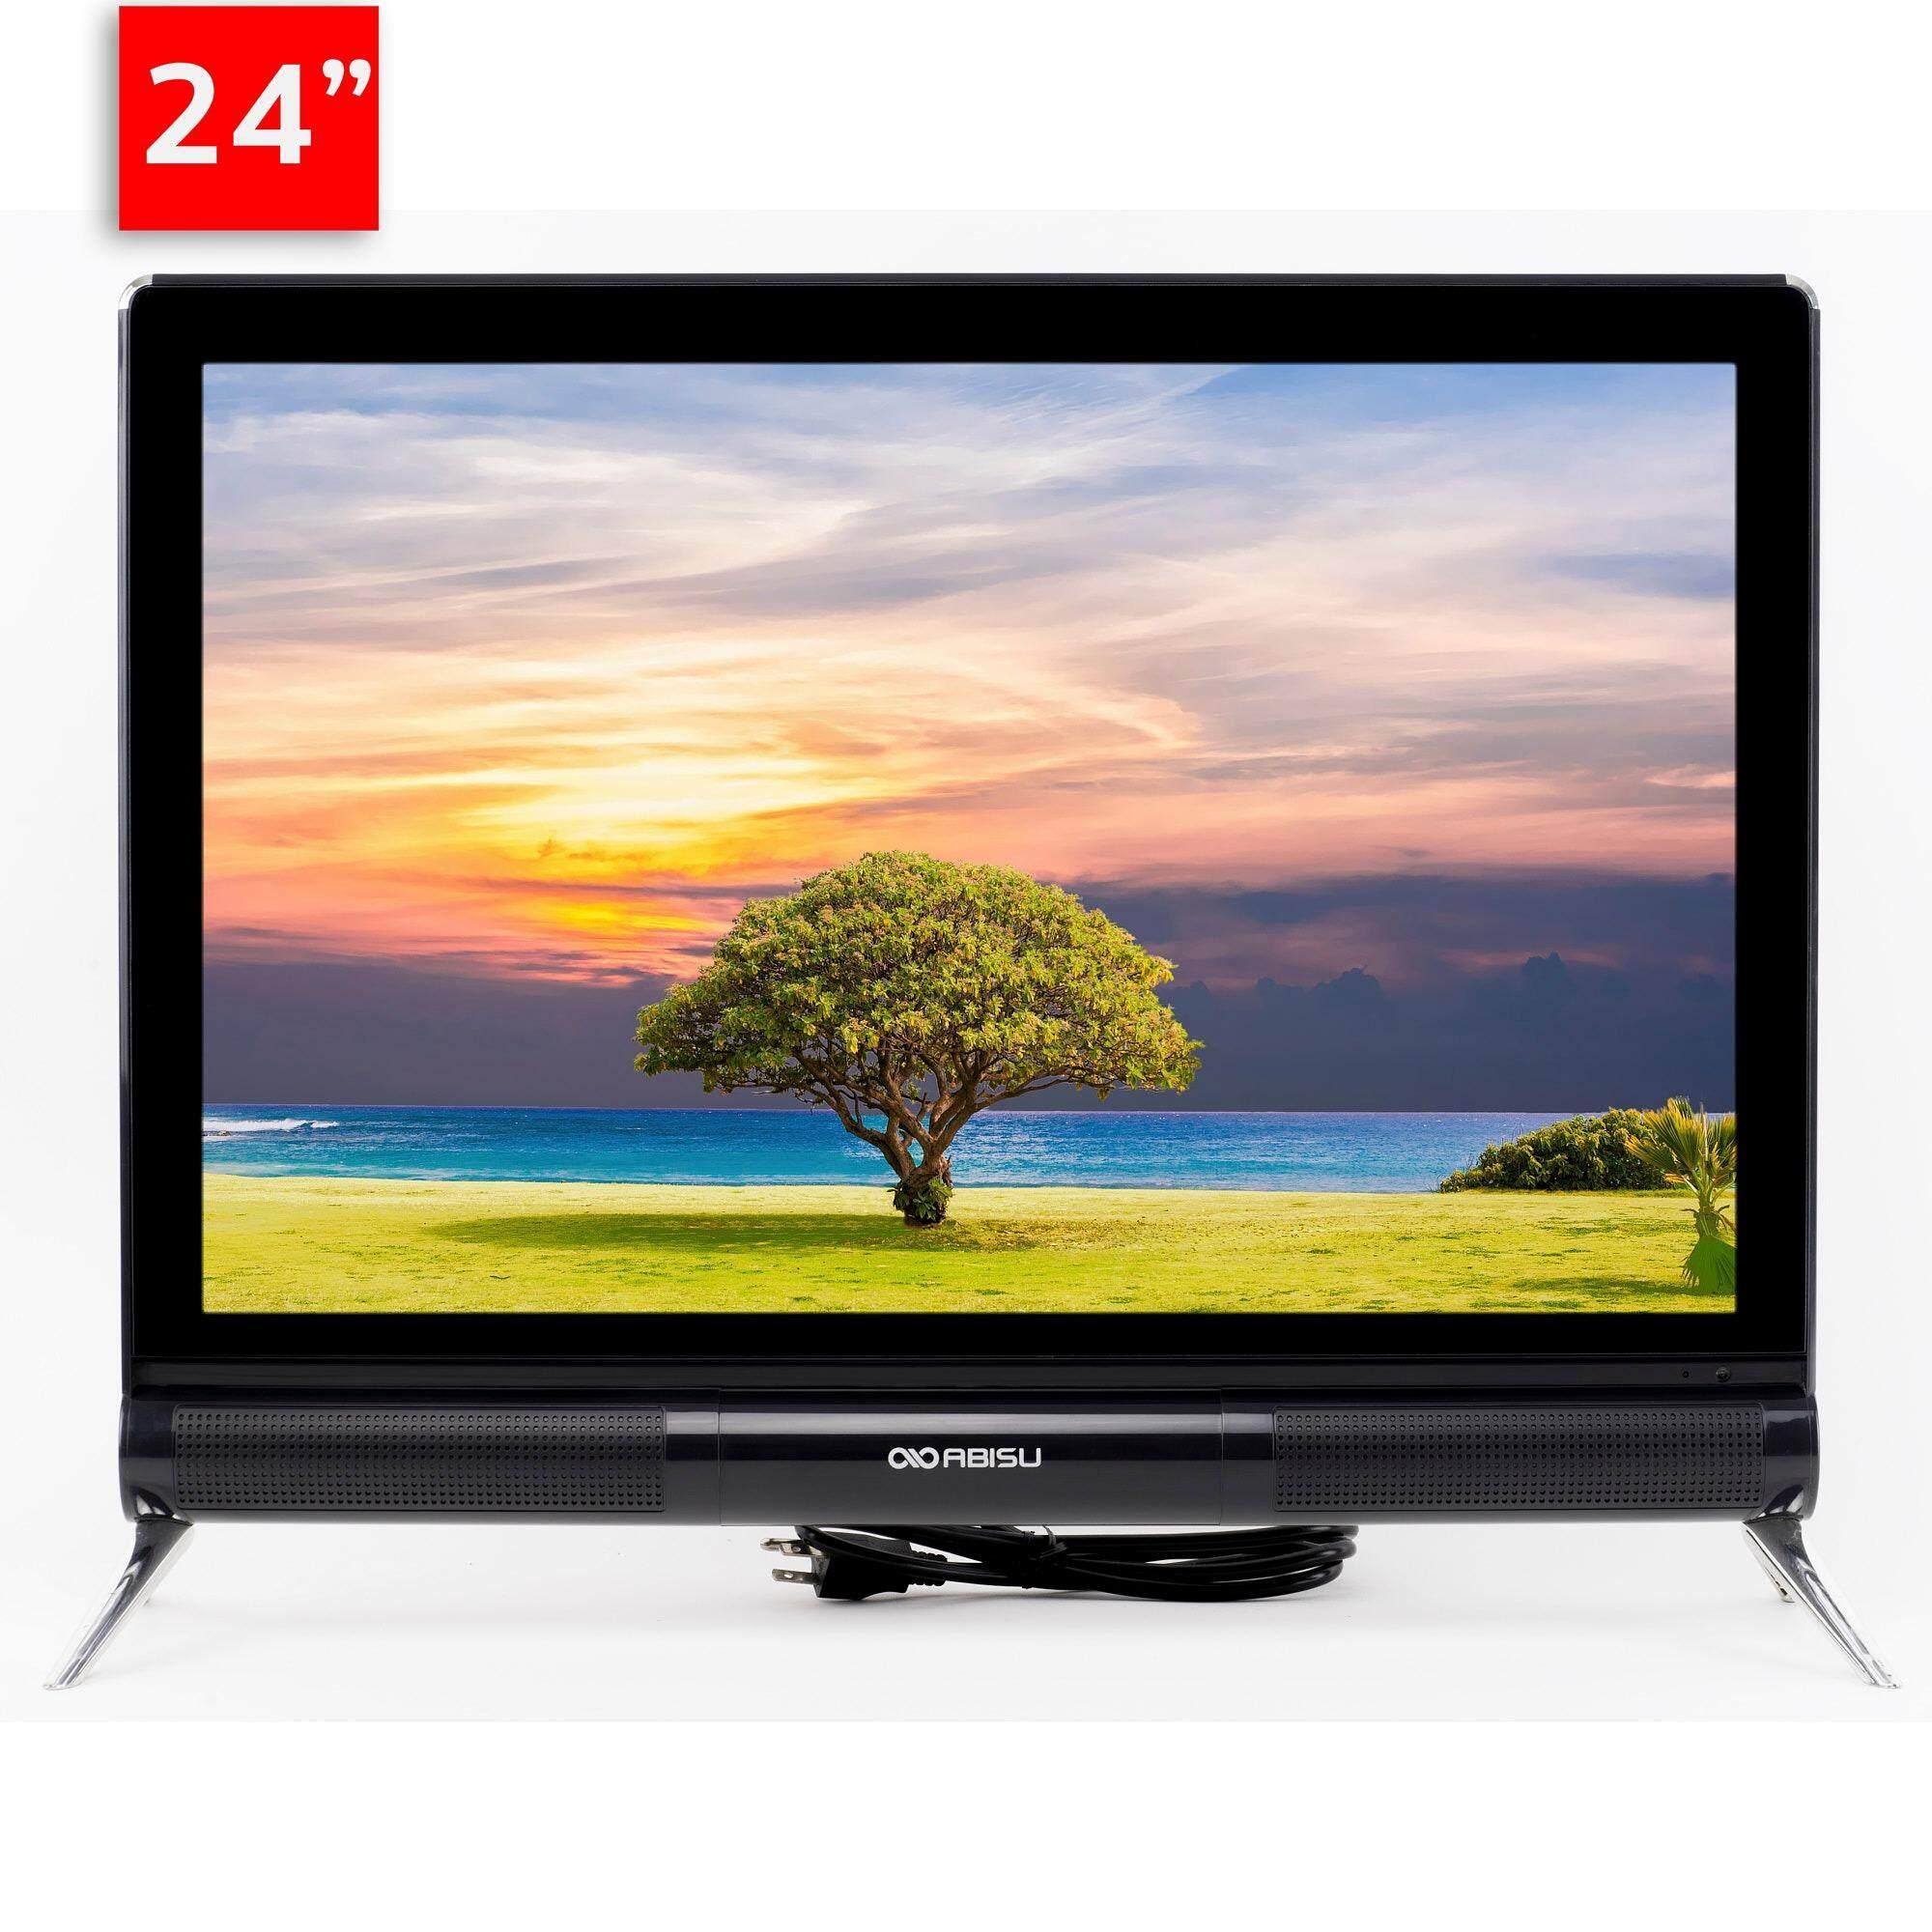 ราคา Abisu Led Tv 24 Wide Screen รุ่น Attract Atv24W แถมฟรี สาย Hdmi มูลค่า 210 บาท ออนไลน์